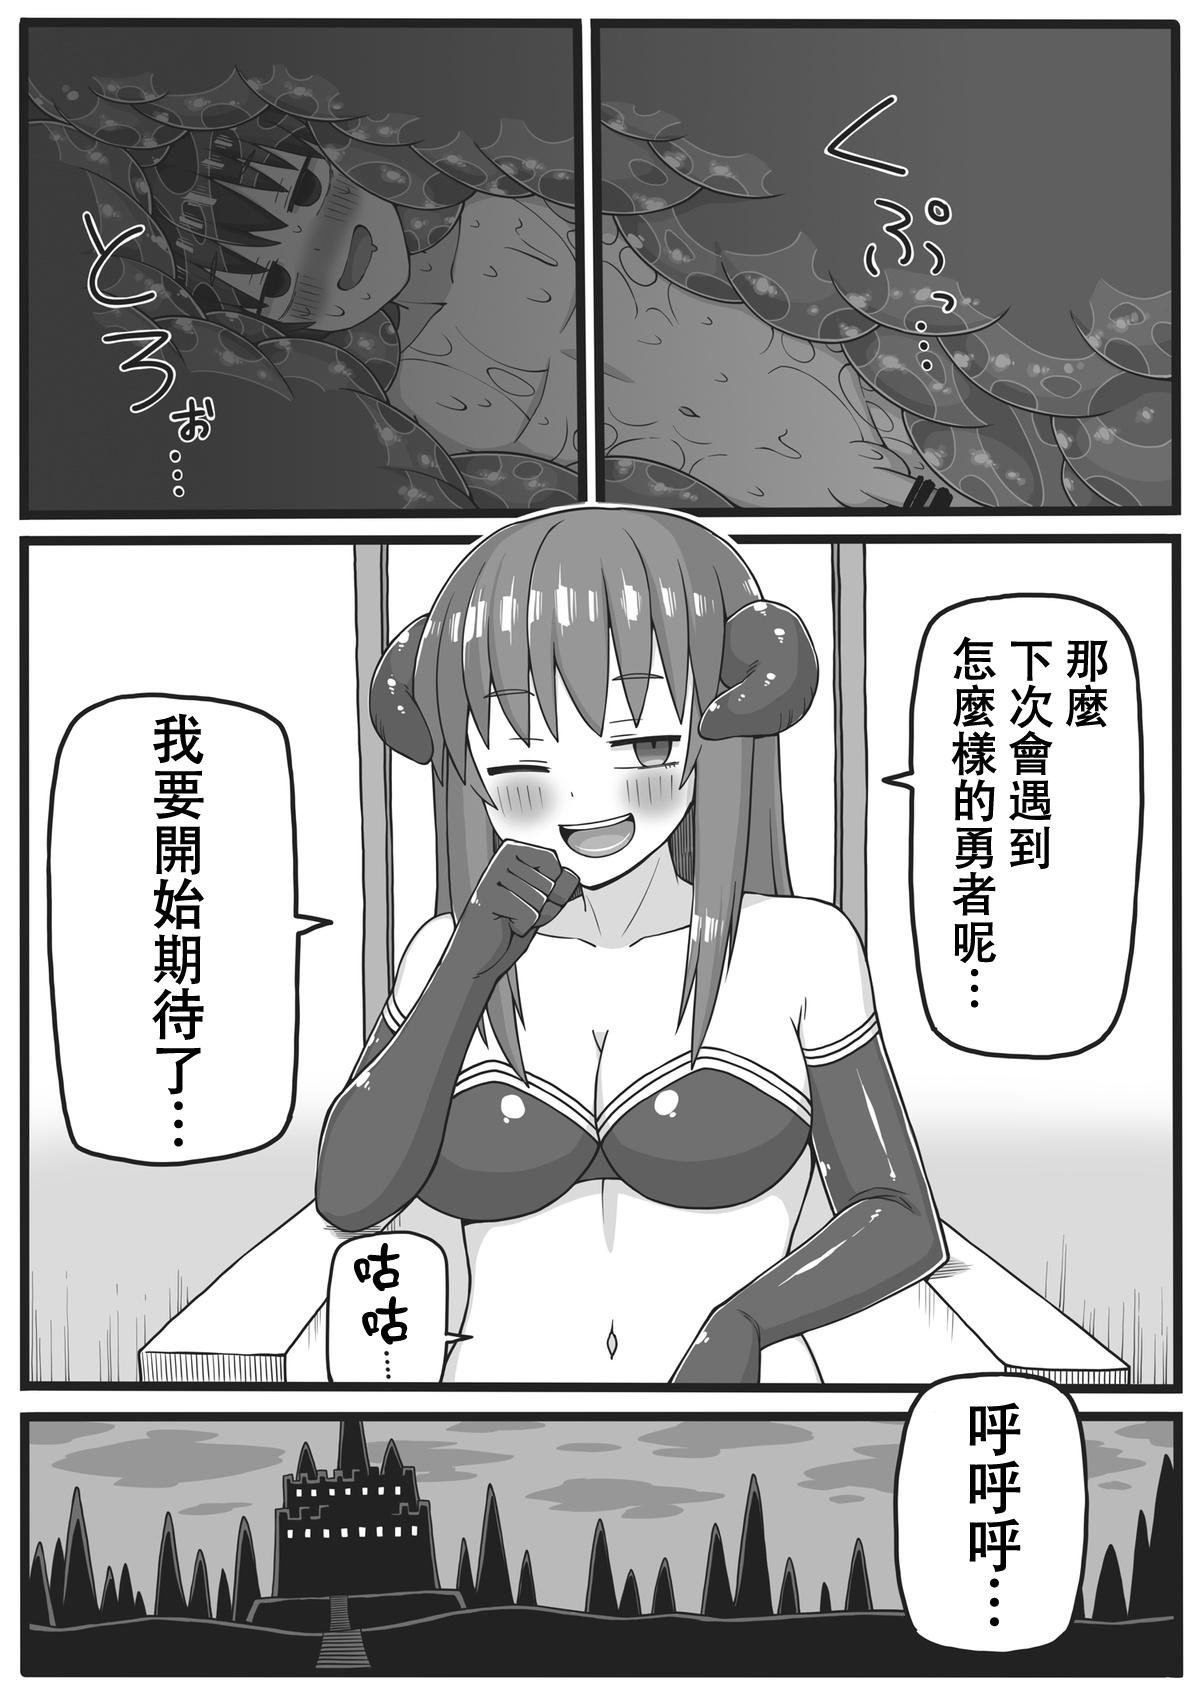 Yuusha ga Chiisaku Ecchi na Koto o Sarete Shimau Manga 33